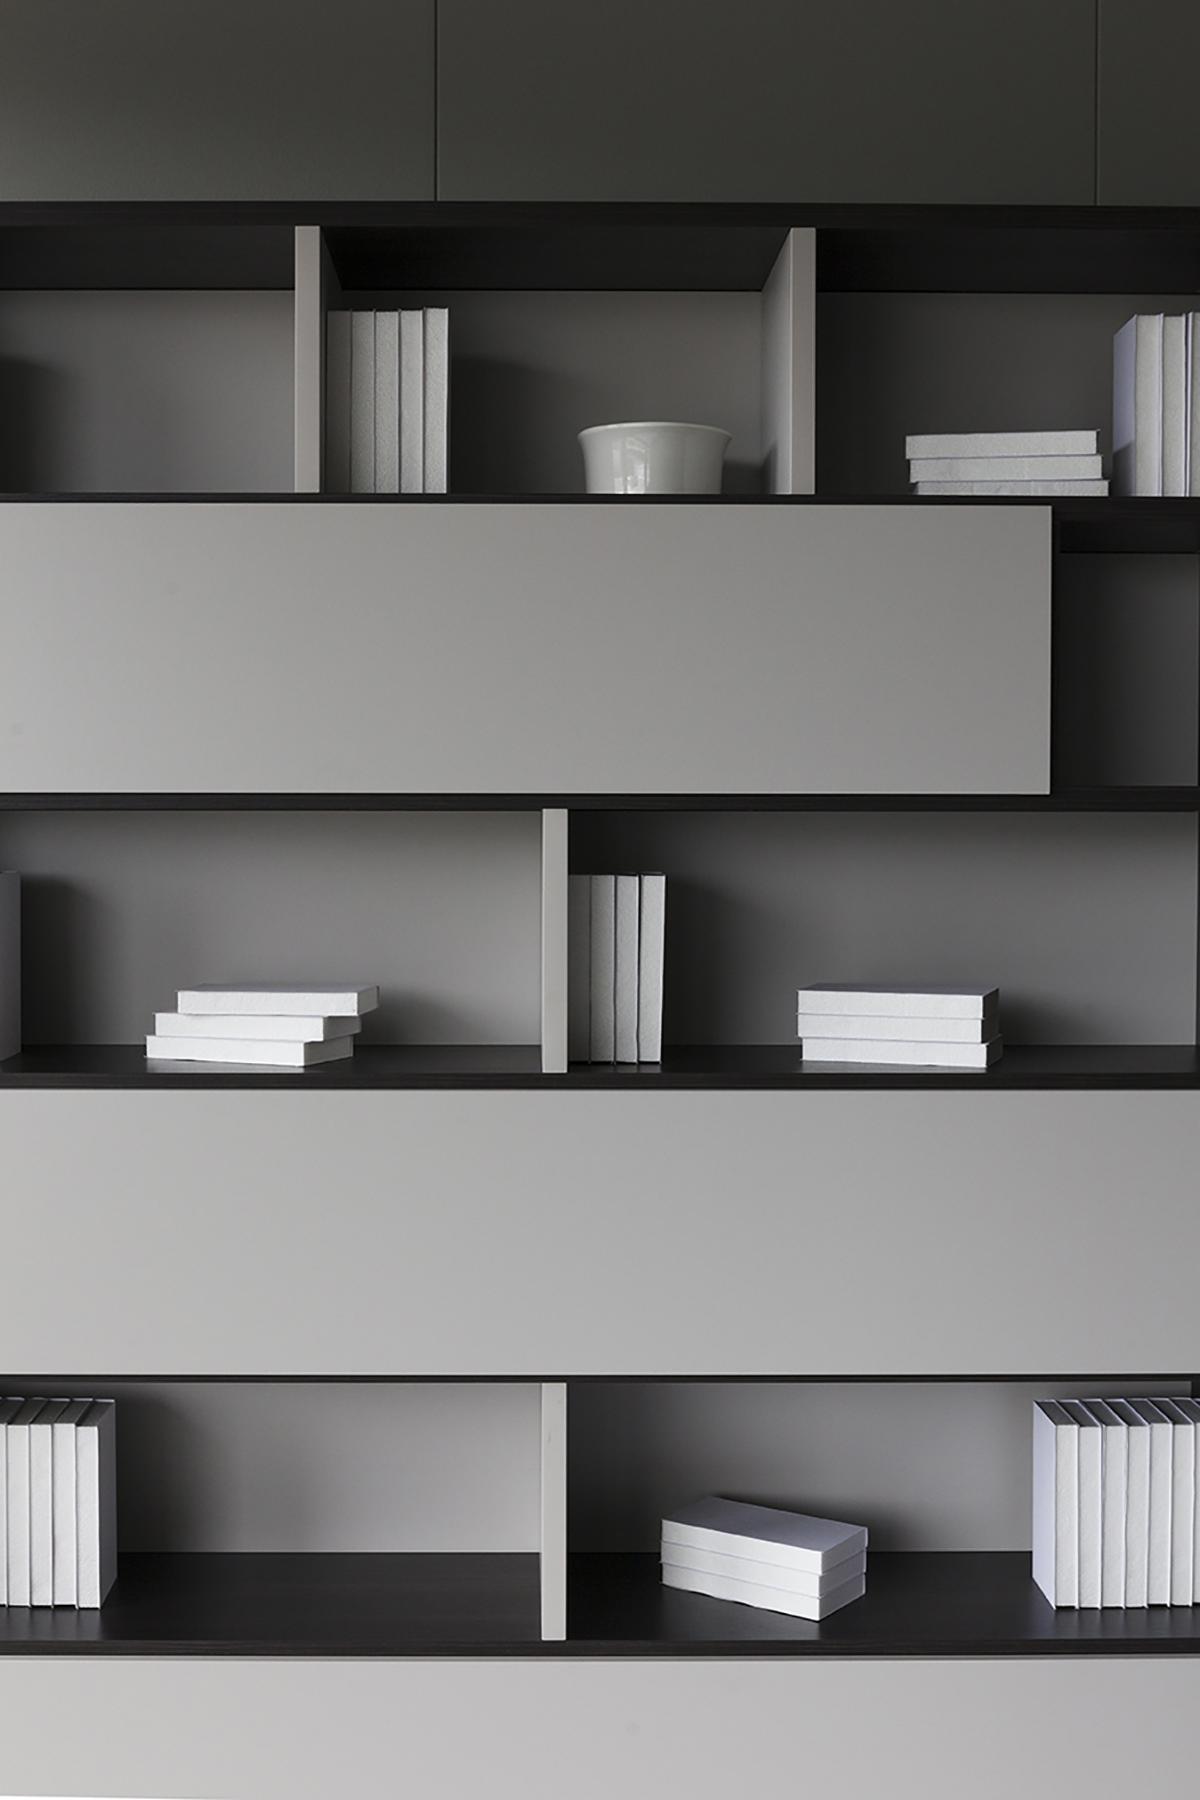 25_architettura_interior_design_federica_borgato